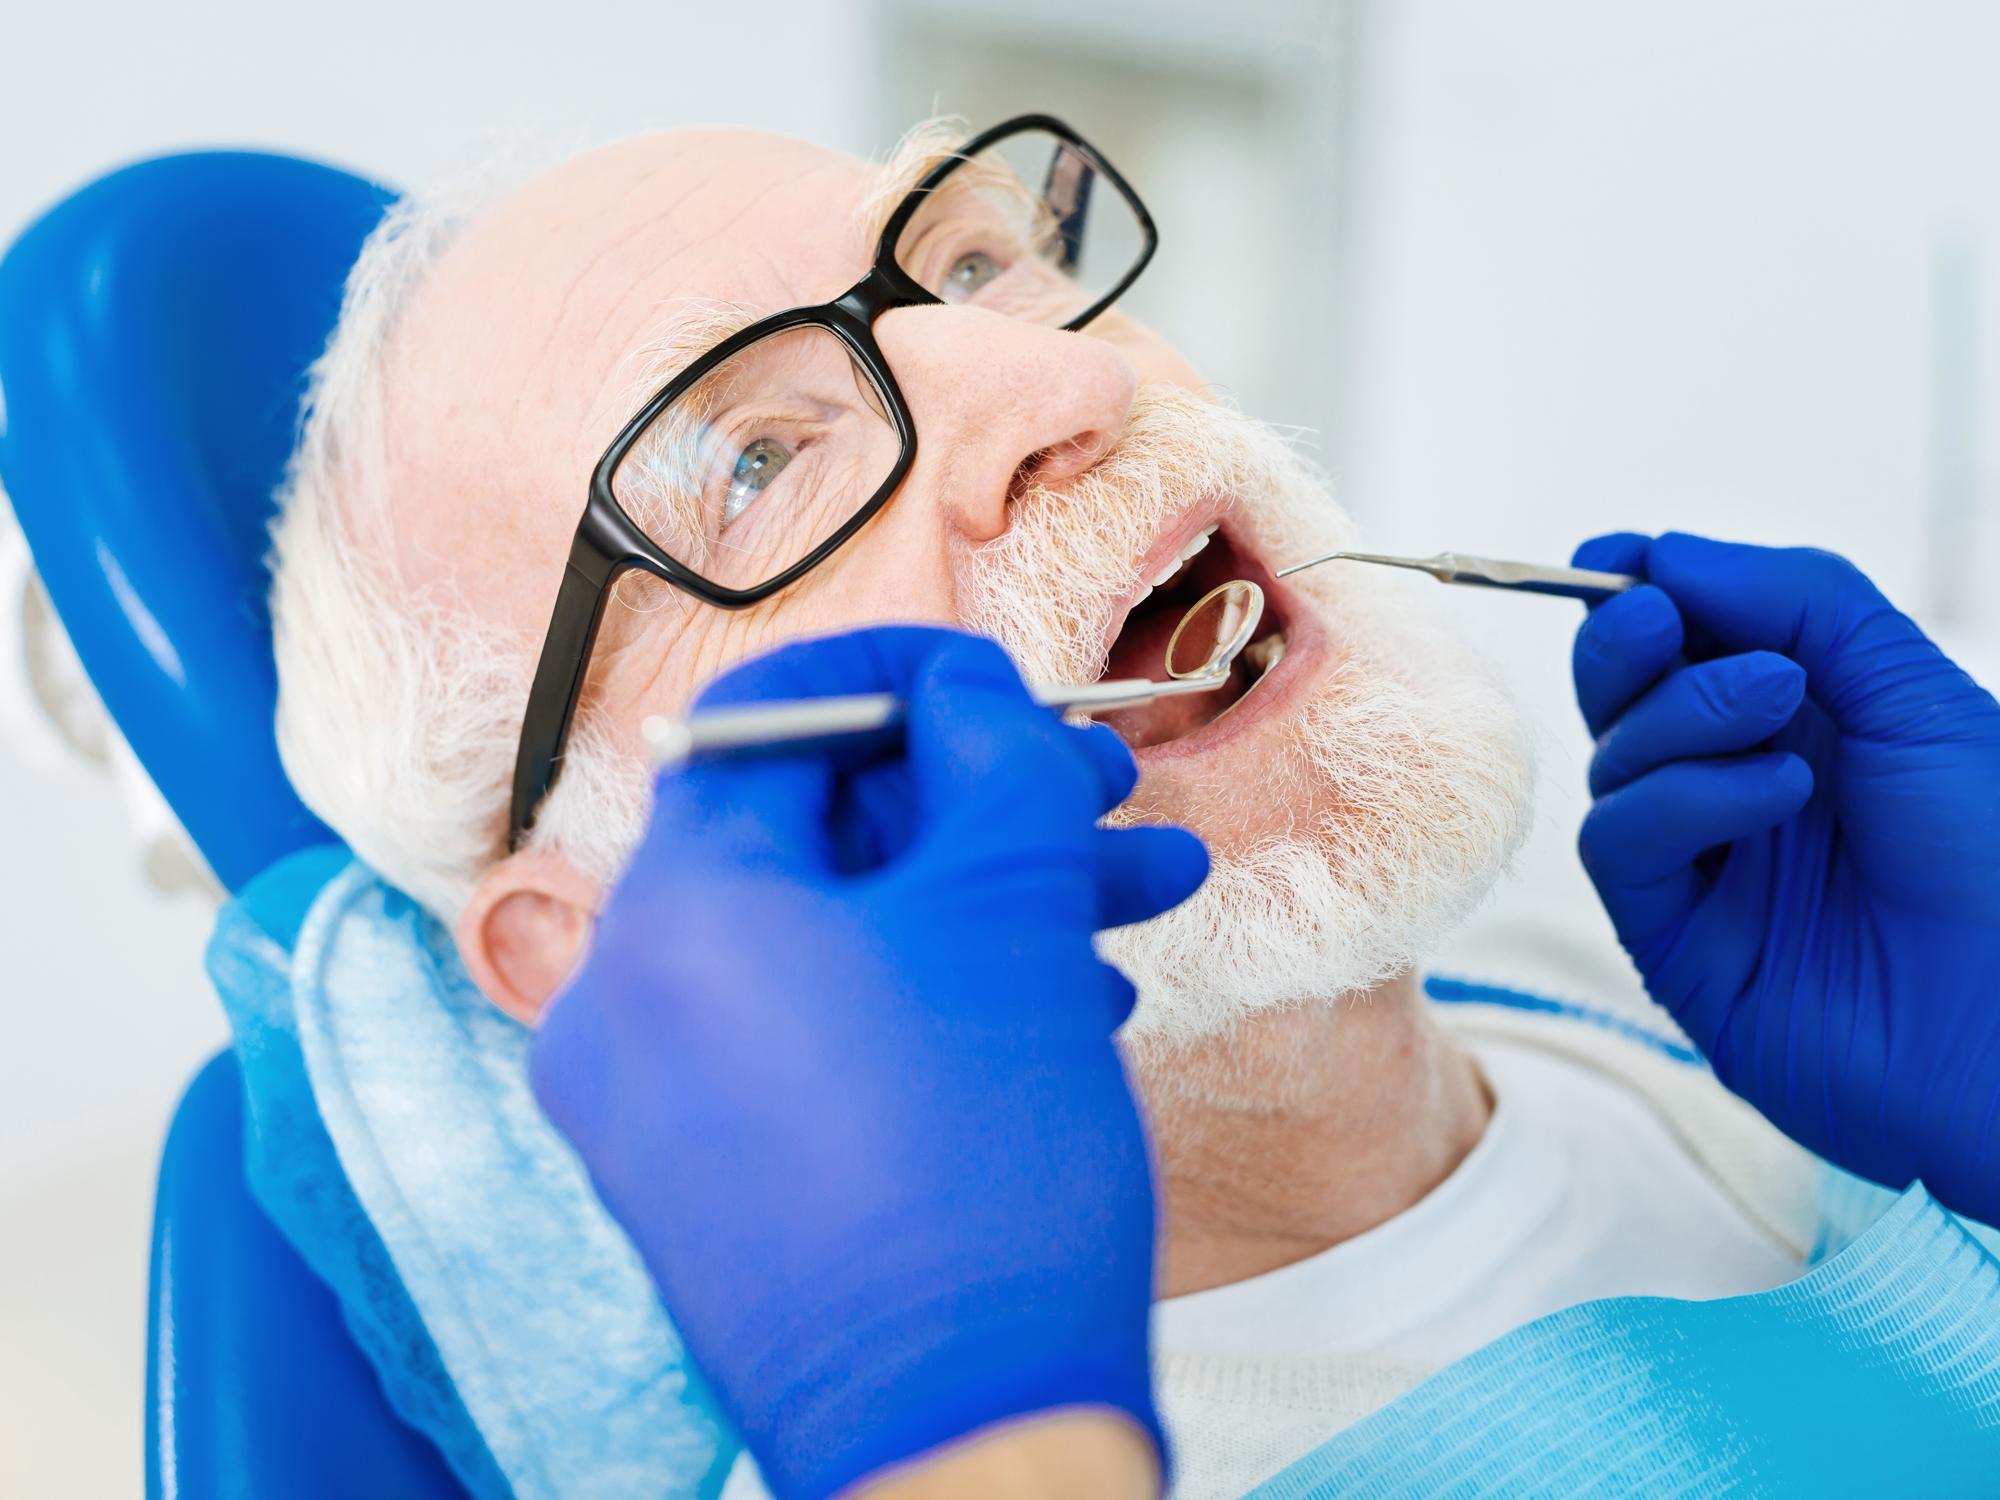 How dental plaque bacteria fuels aggressive colorectal cancer